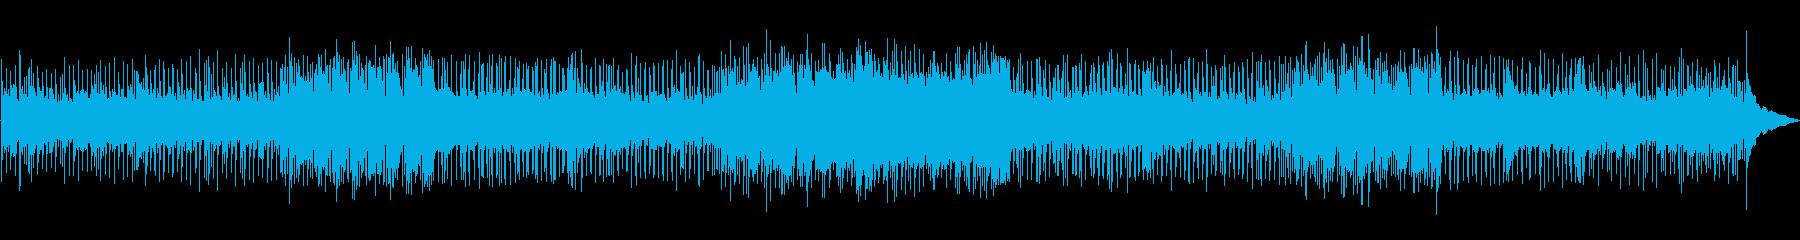 重厚でスローなロックの再生済みの波形